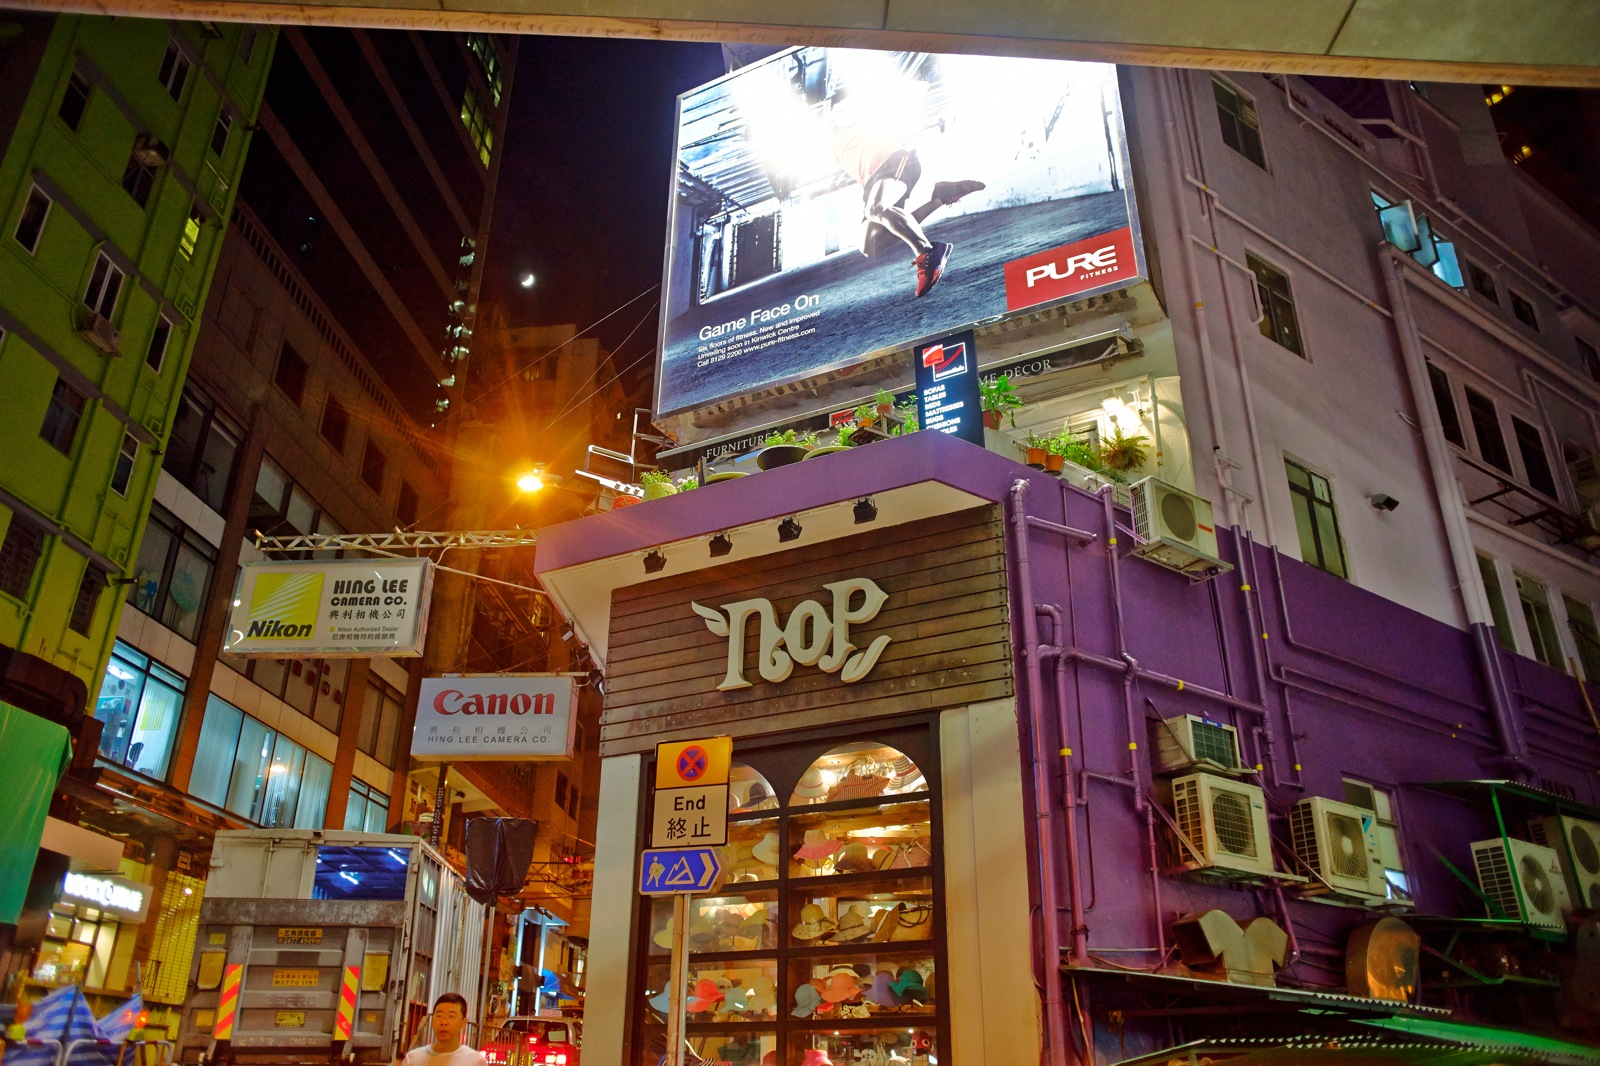 香港 2 (圖超多, 應觀眾要求拆成三段, 補上文字與編號)